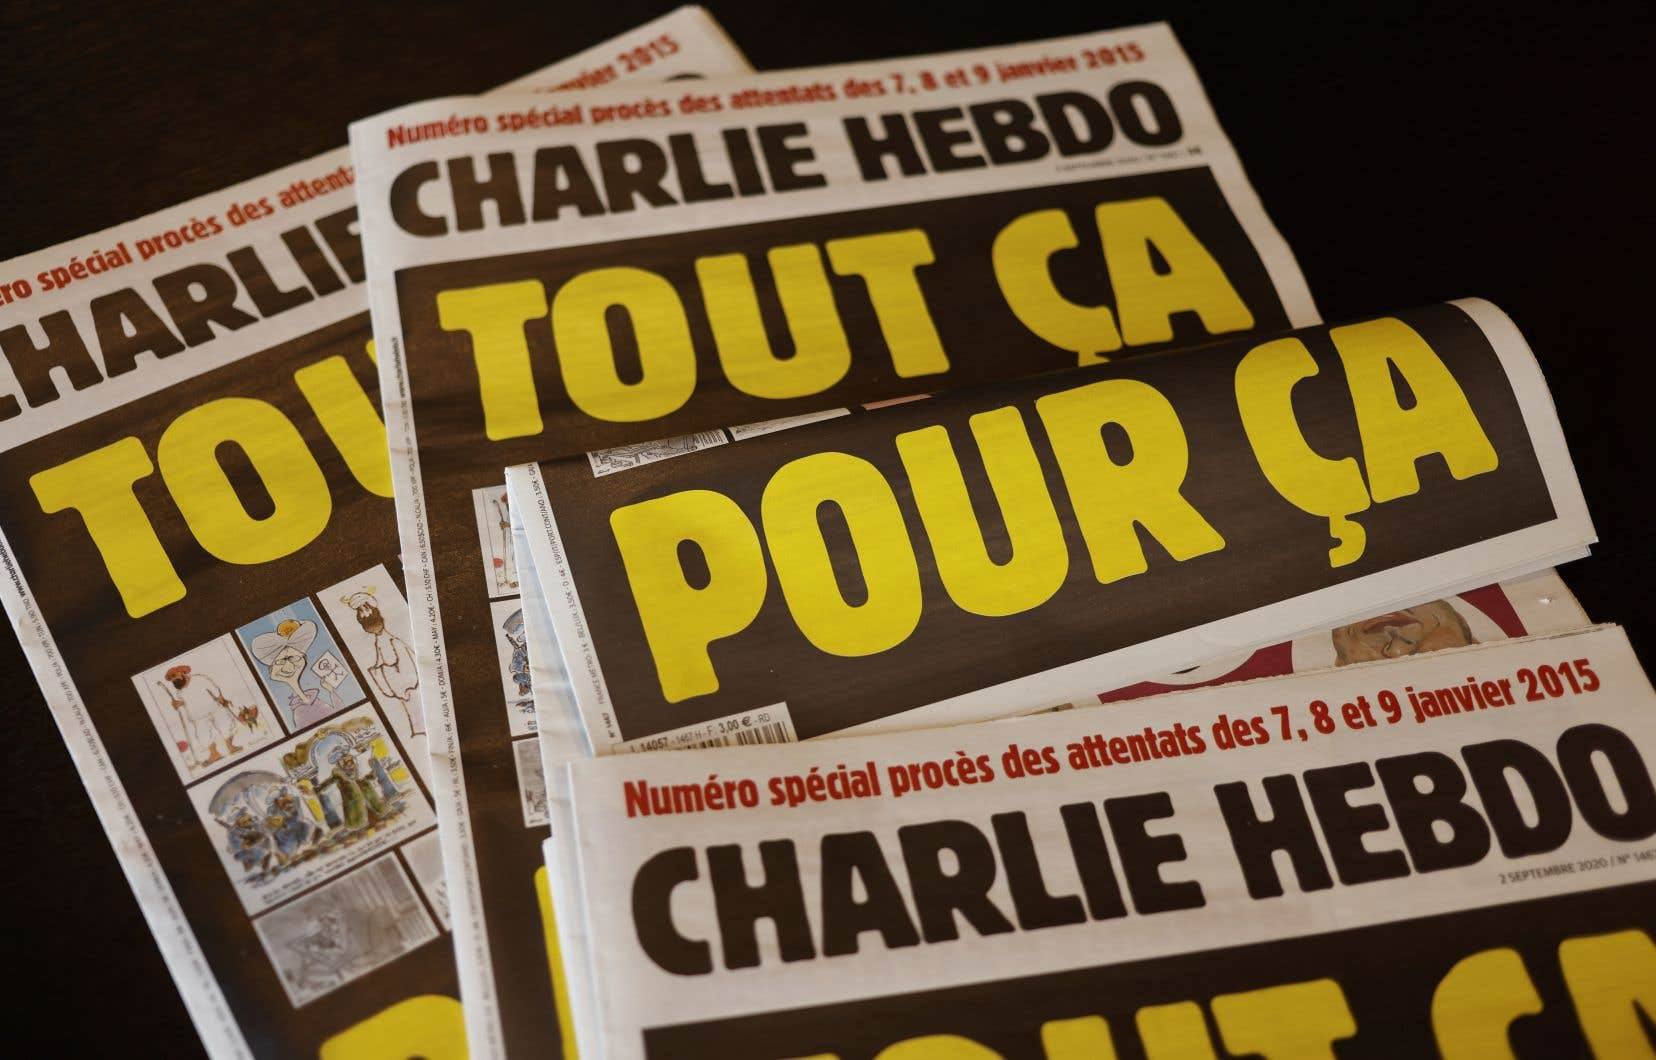 La Une du prochain <i>Charlie Hebdo</i>, sous le titre «Tout ça pour ça», reproduit aussi une caricature du prophète signée par son dessinateur Cabu, assassiné dans l'attentat du 7janvier 2015.